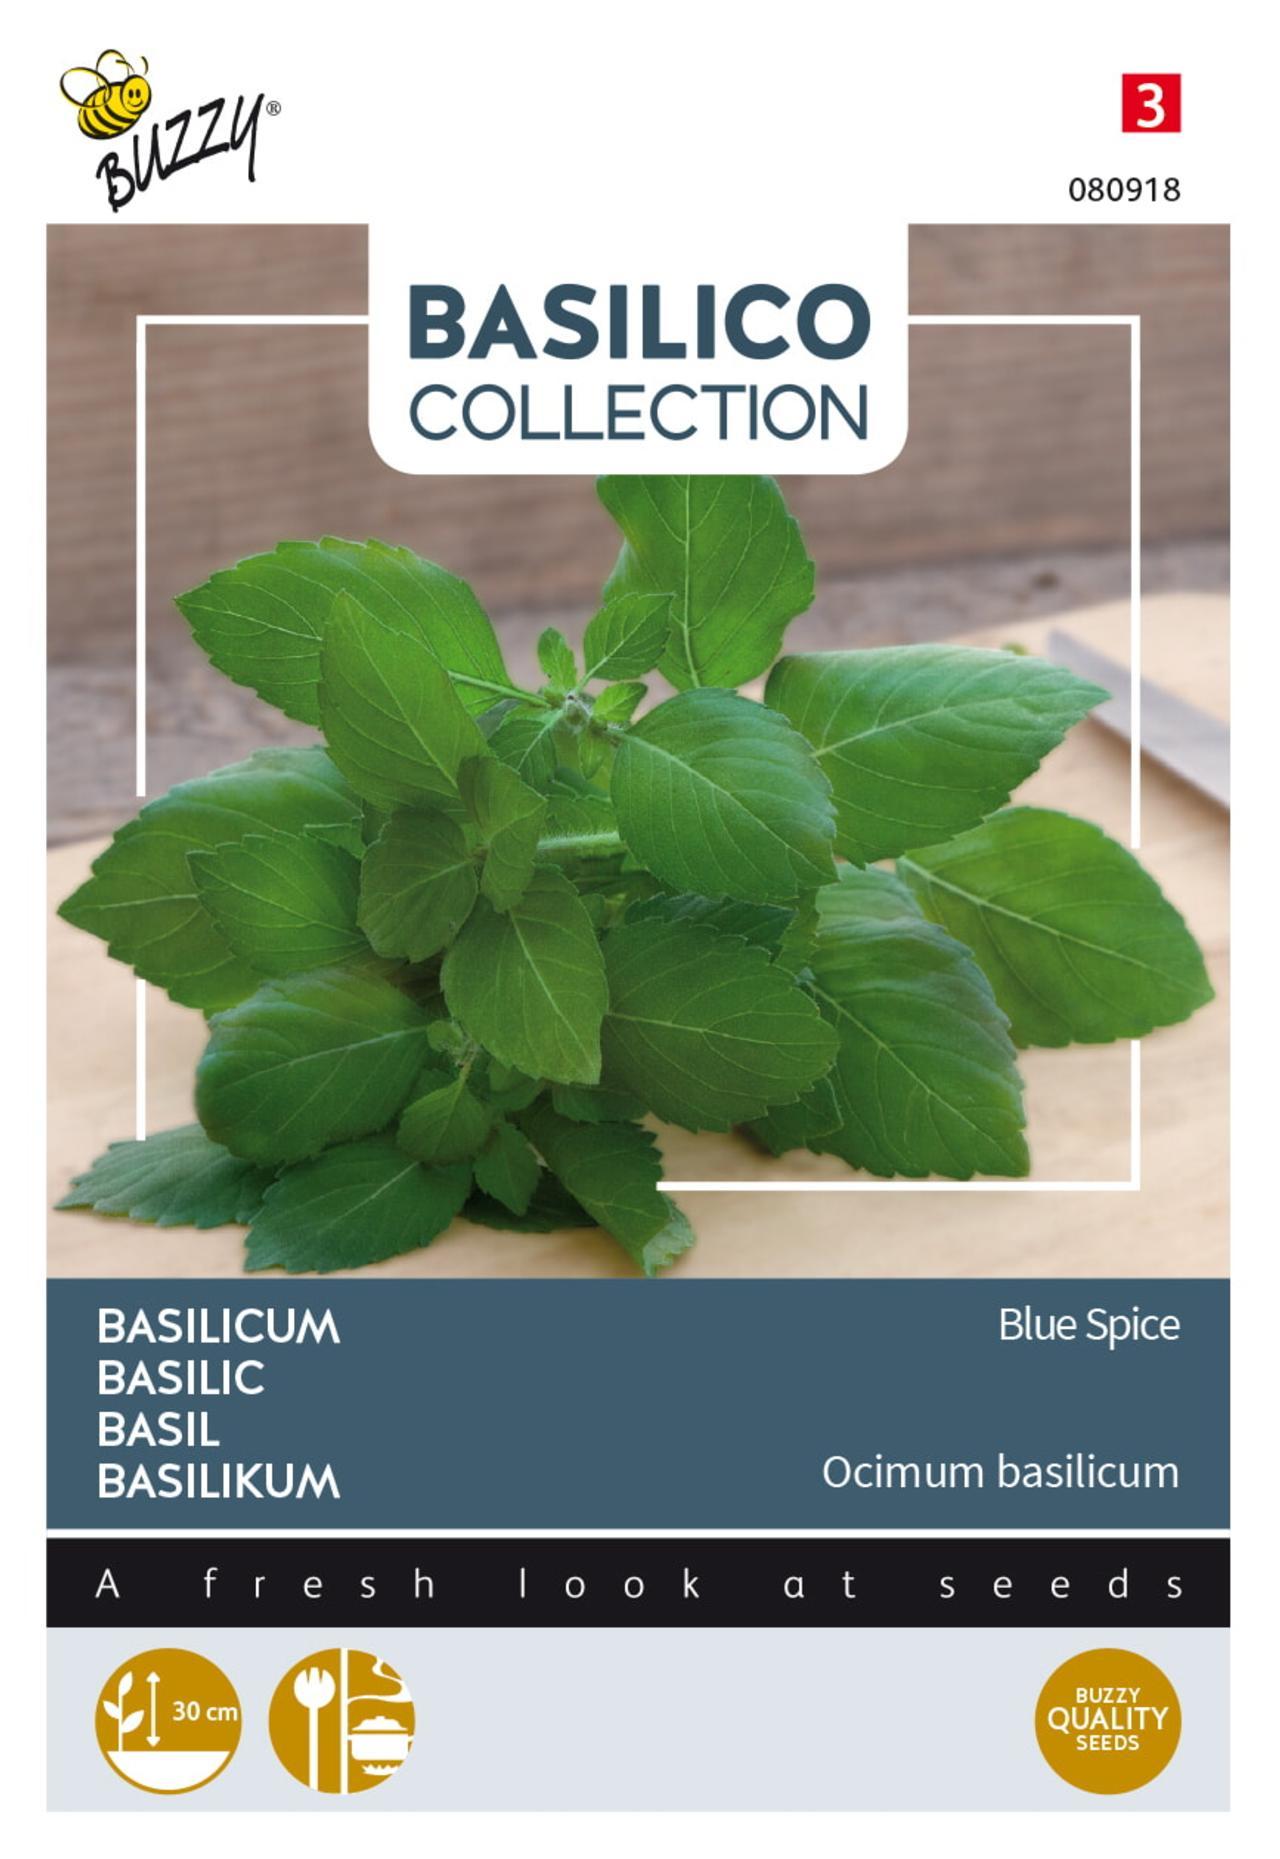 Ocimum americanum x Ocimum basilicum 'Blue Spice' plant